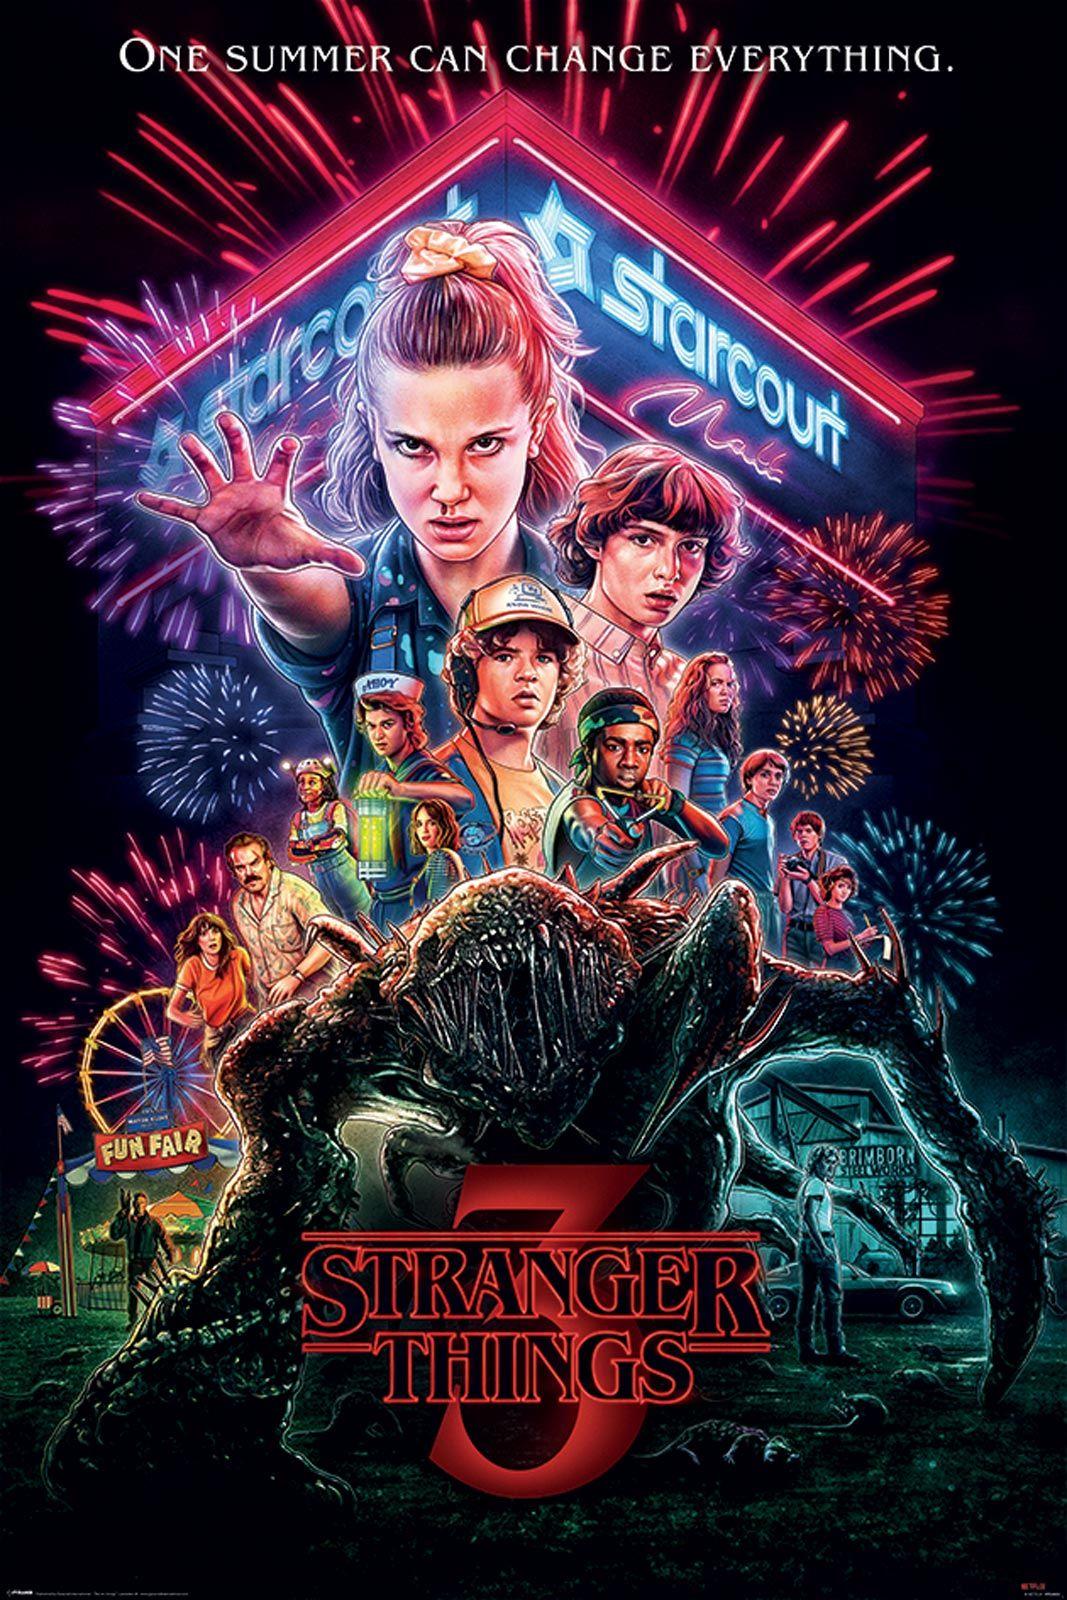 Stranger Things Summer of 85 - plakat